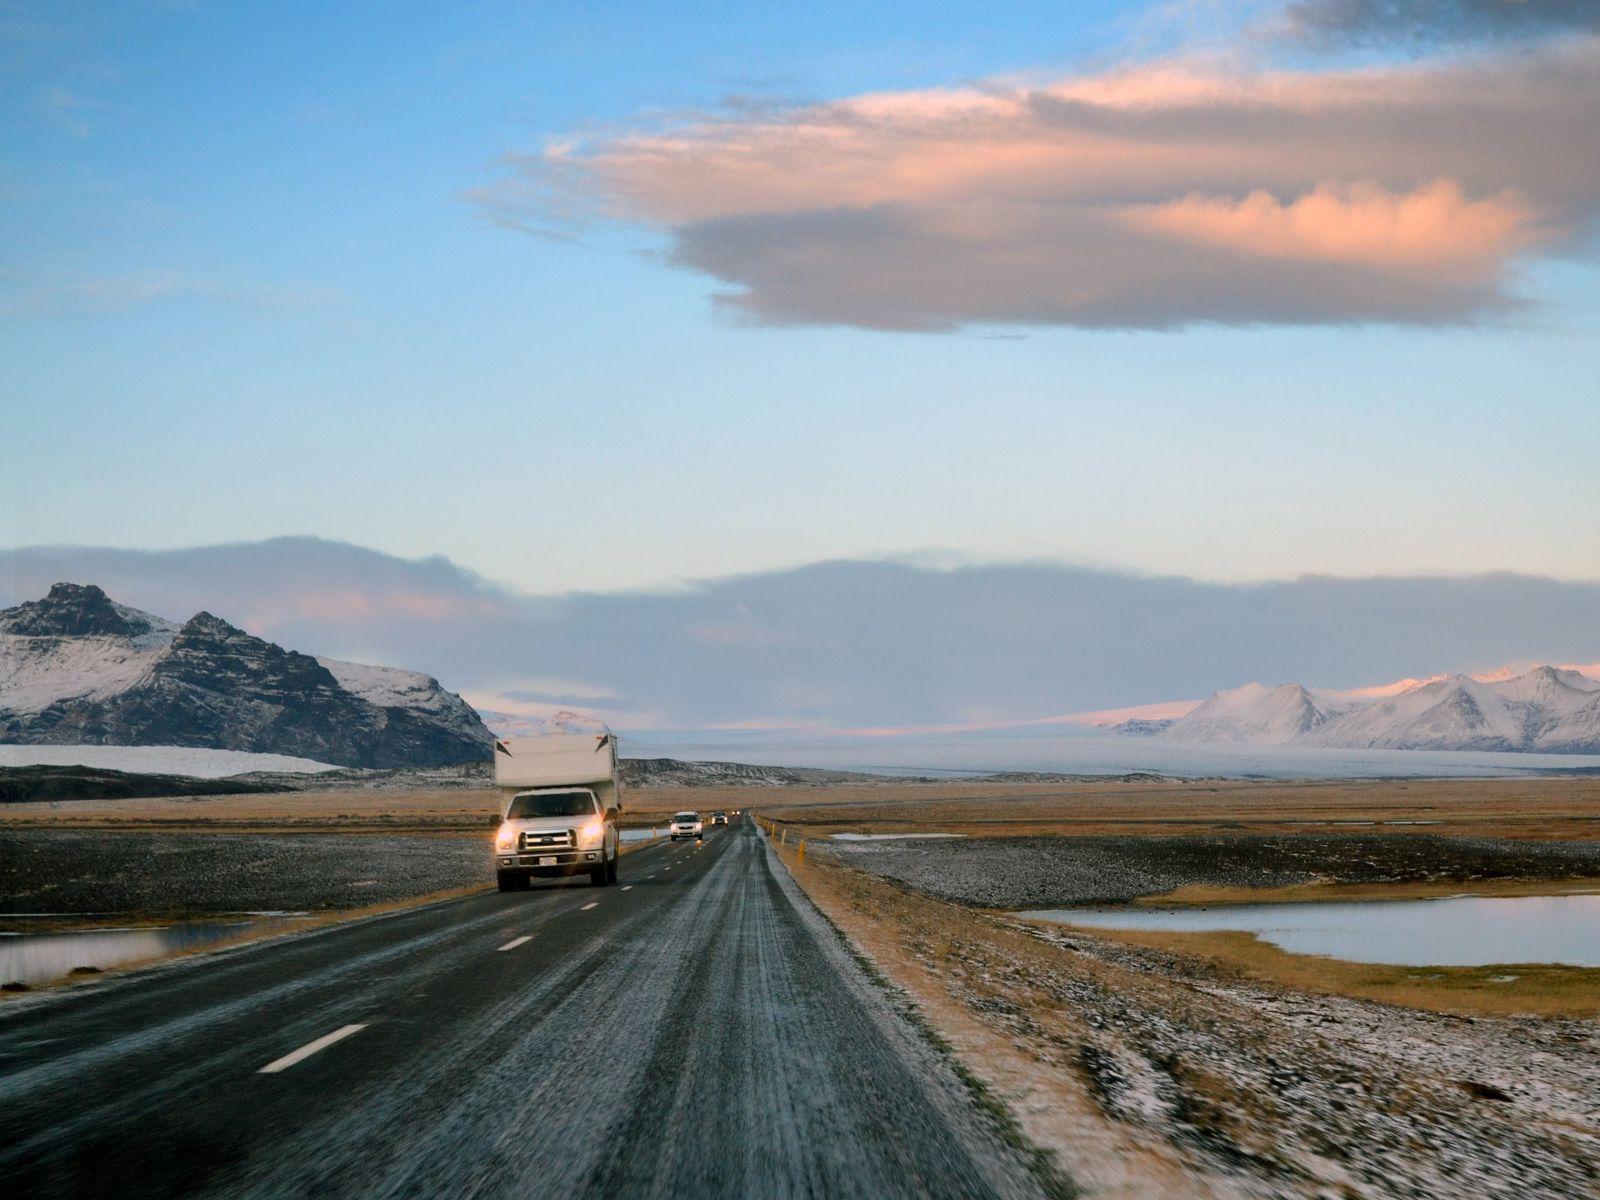 acquistare camper usati da privati può essere un rischio, meglio in concessionaria dove hai garanzie certe del funzionamento dei veicolo